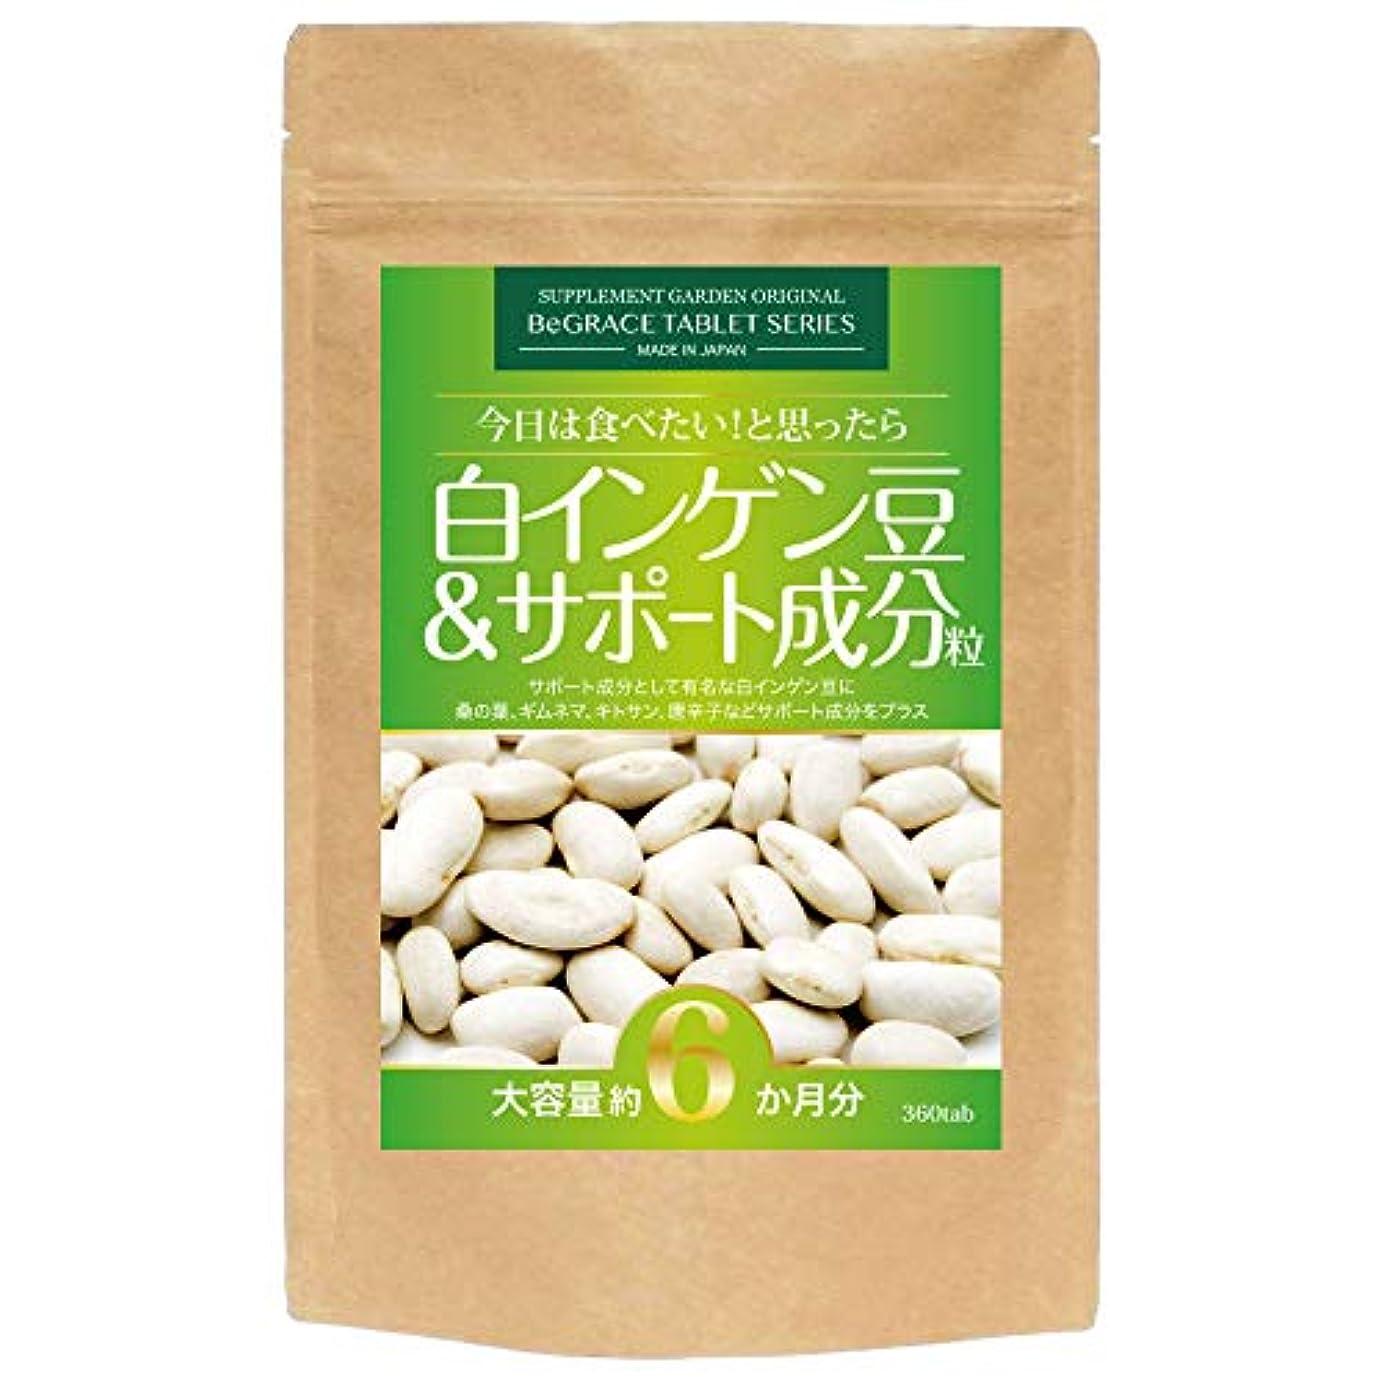 ハリウッドアセンブリ説得白インゲン豆&サポート成分粒 大容量約6ヶ月分/360粒(白インゲン豆?桑の葉?ギムネマ?キトサン?唐辛子)